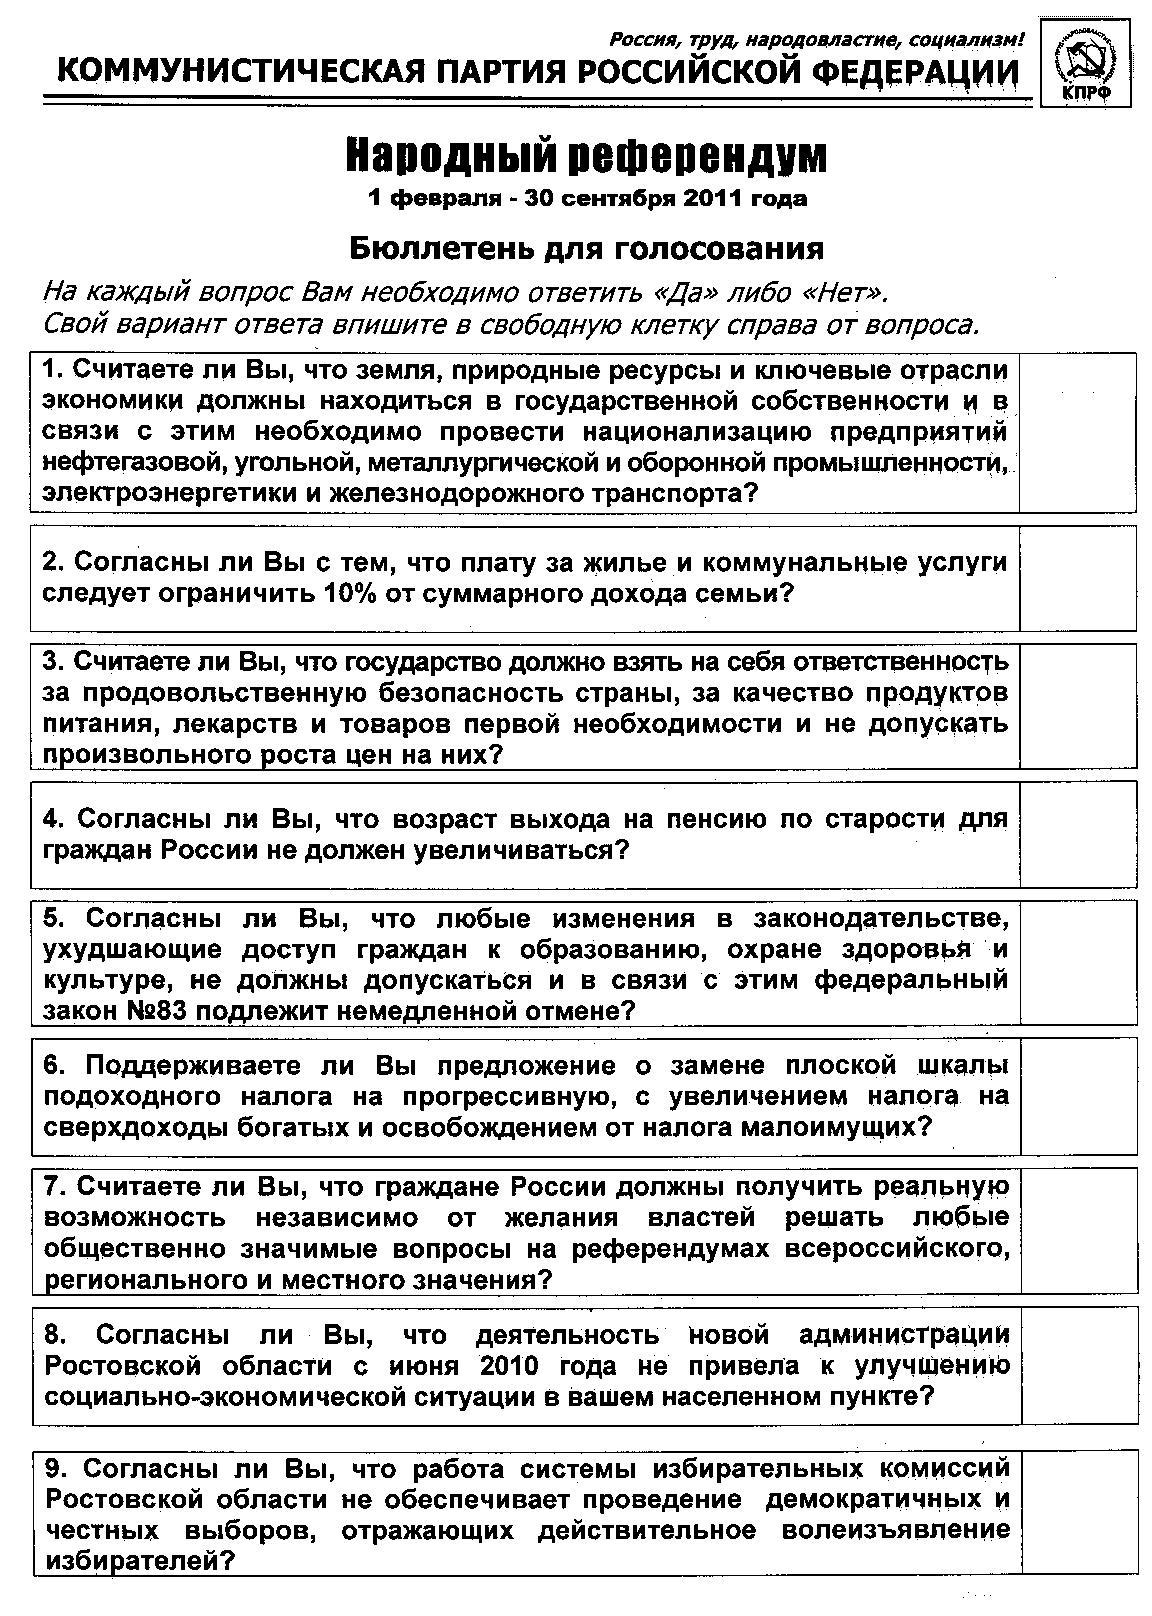 Бюллетень Автовароведа Donrest Бесплатно